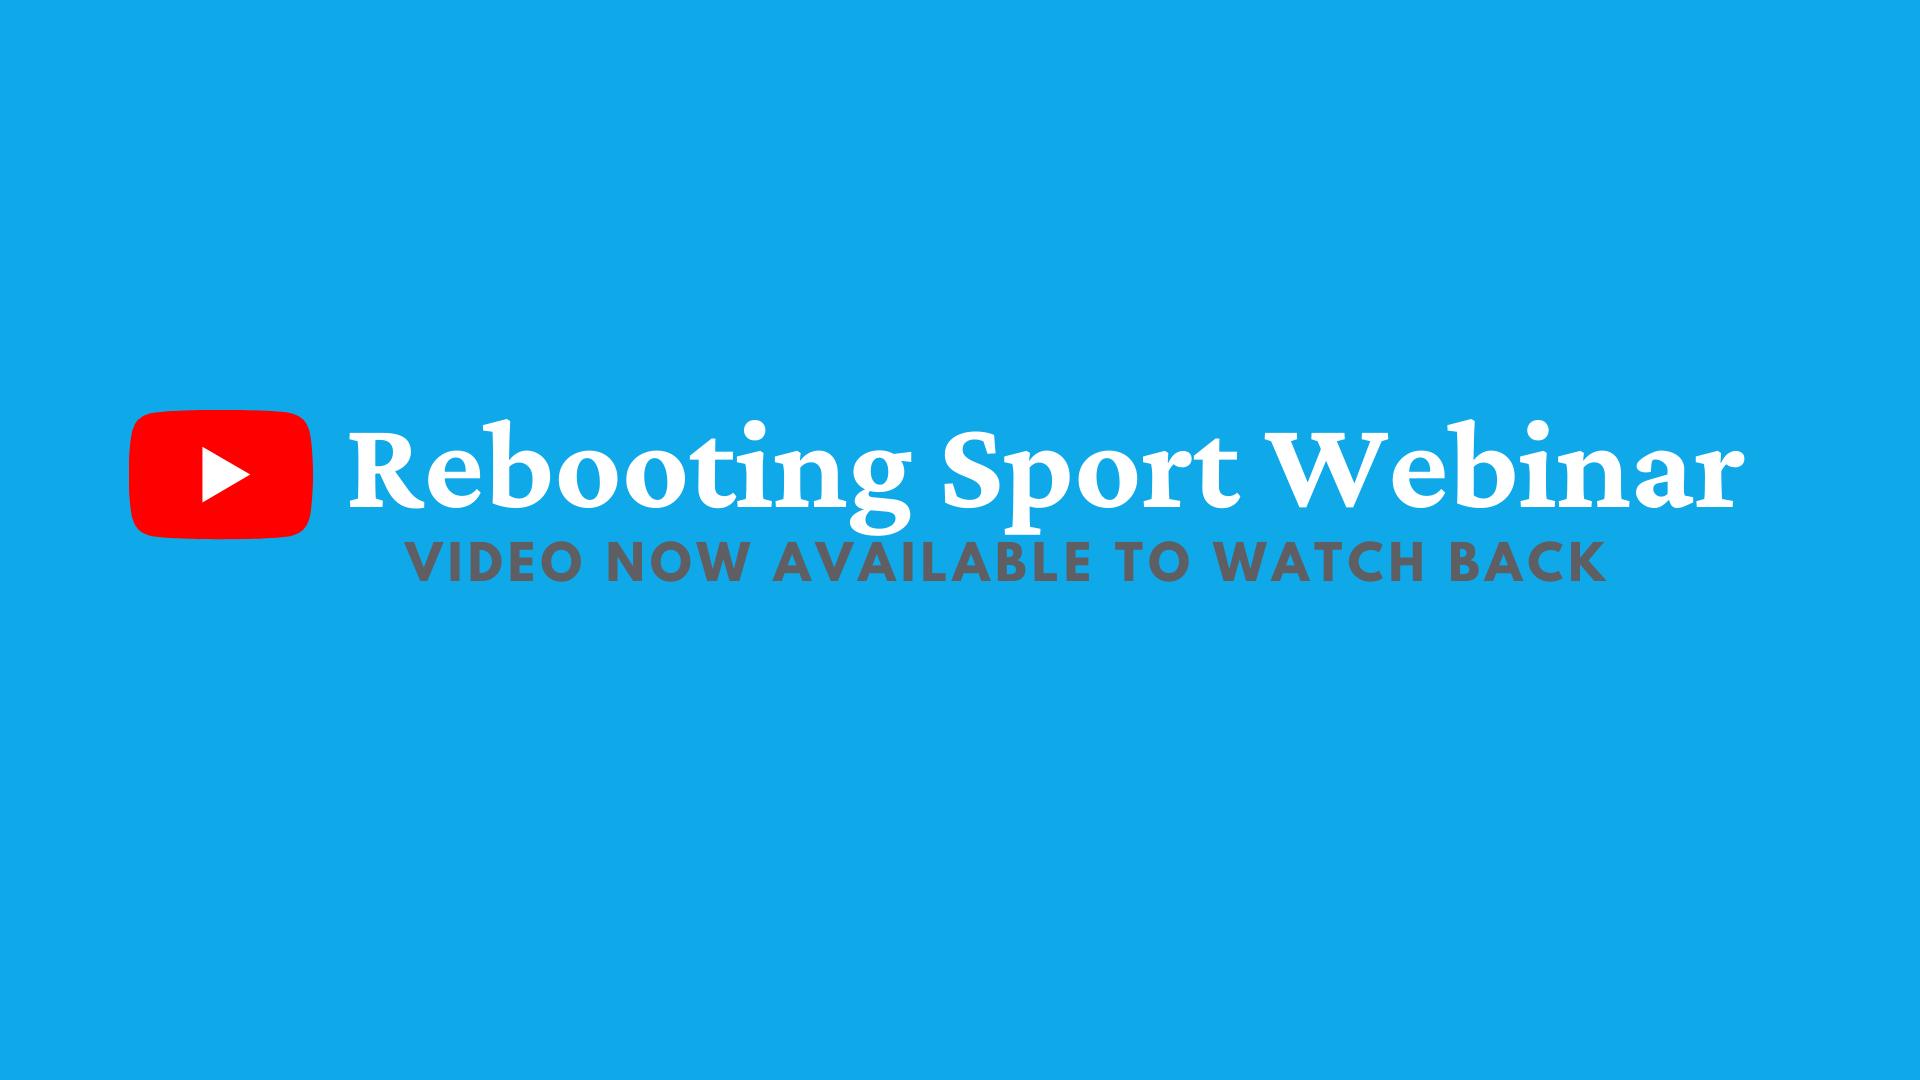 Rebooting Sport